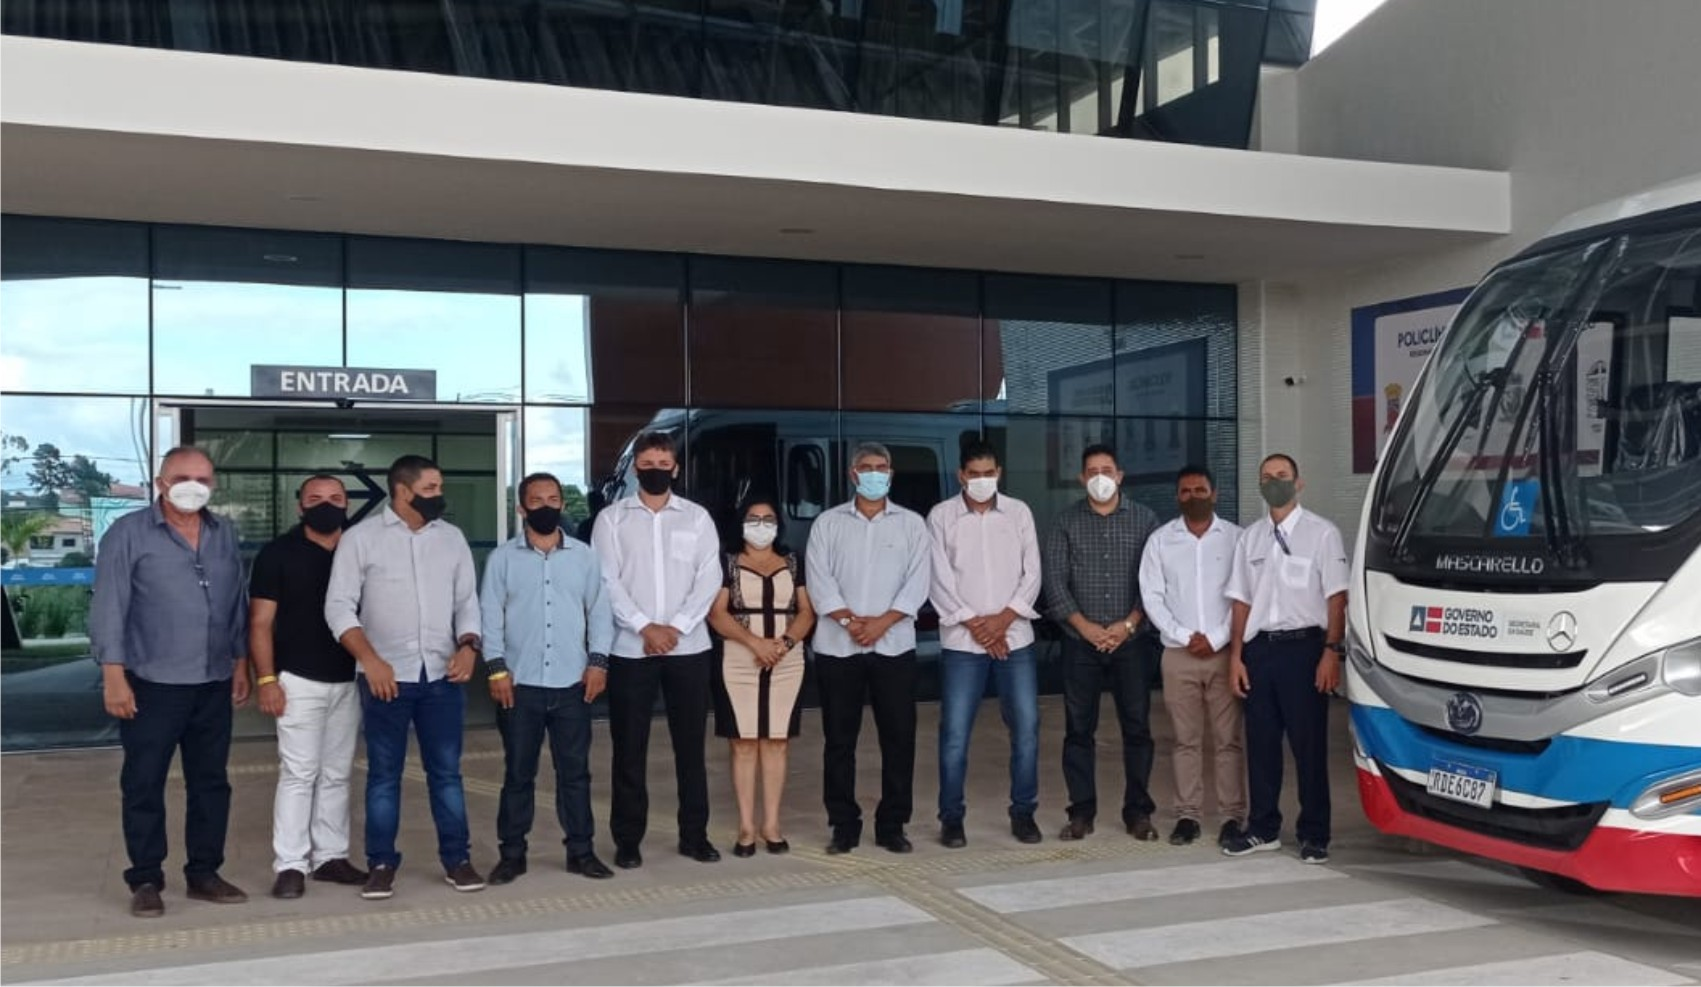 Vereadores de Cabrália marcam presença em ato de entrega da Policlínica Regional da Costa do Descobrimento